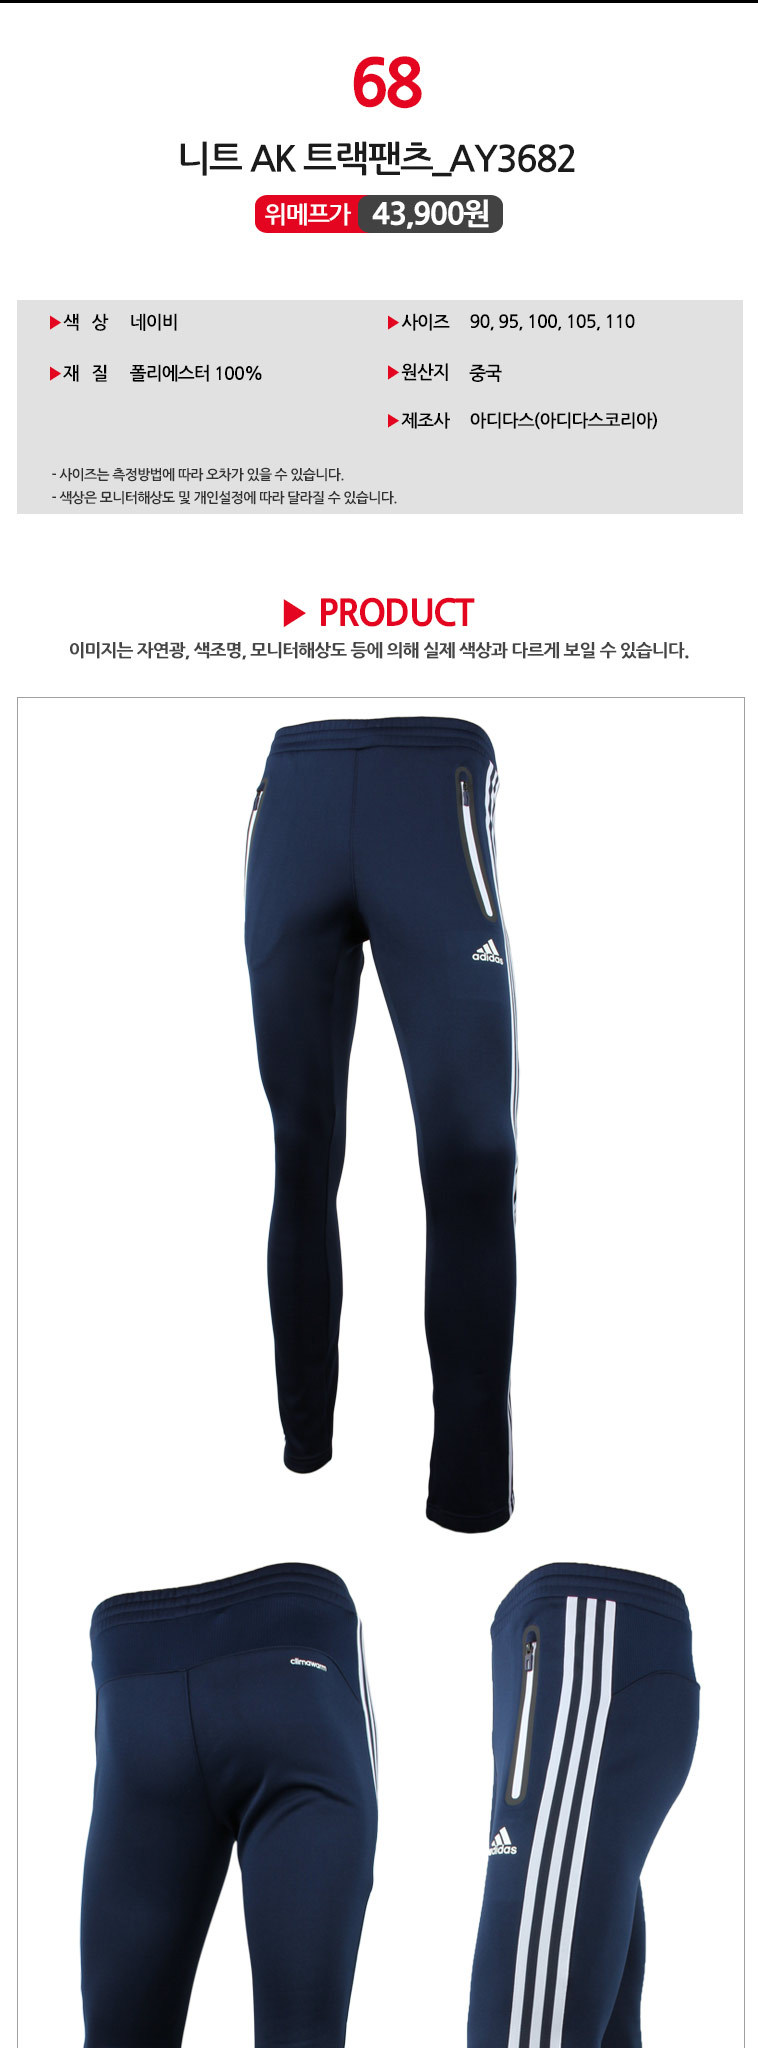 [무료배송] 아디다스 매장신상 특가! - 상세정보